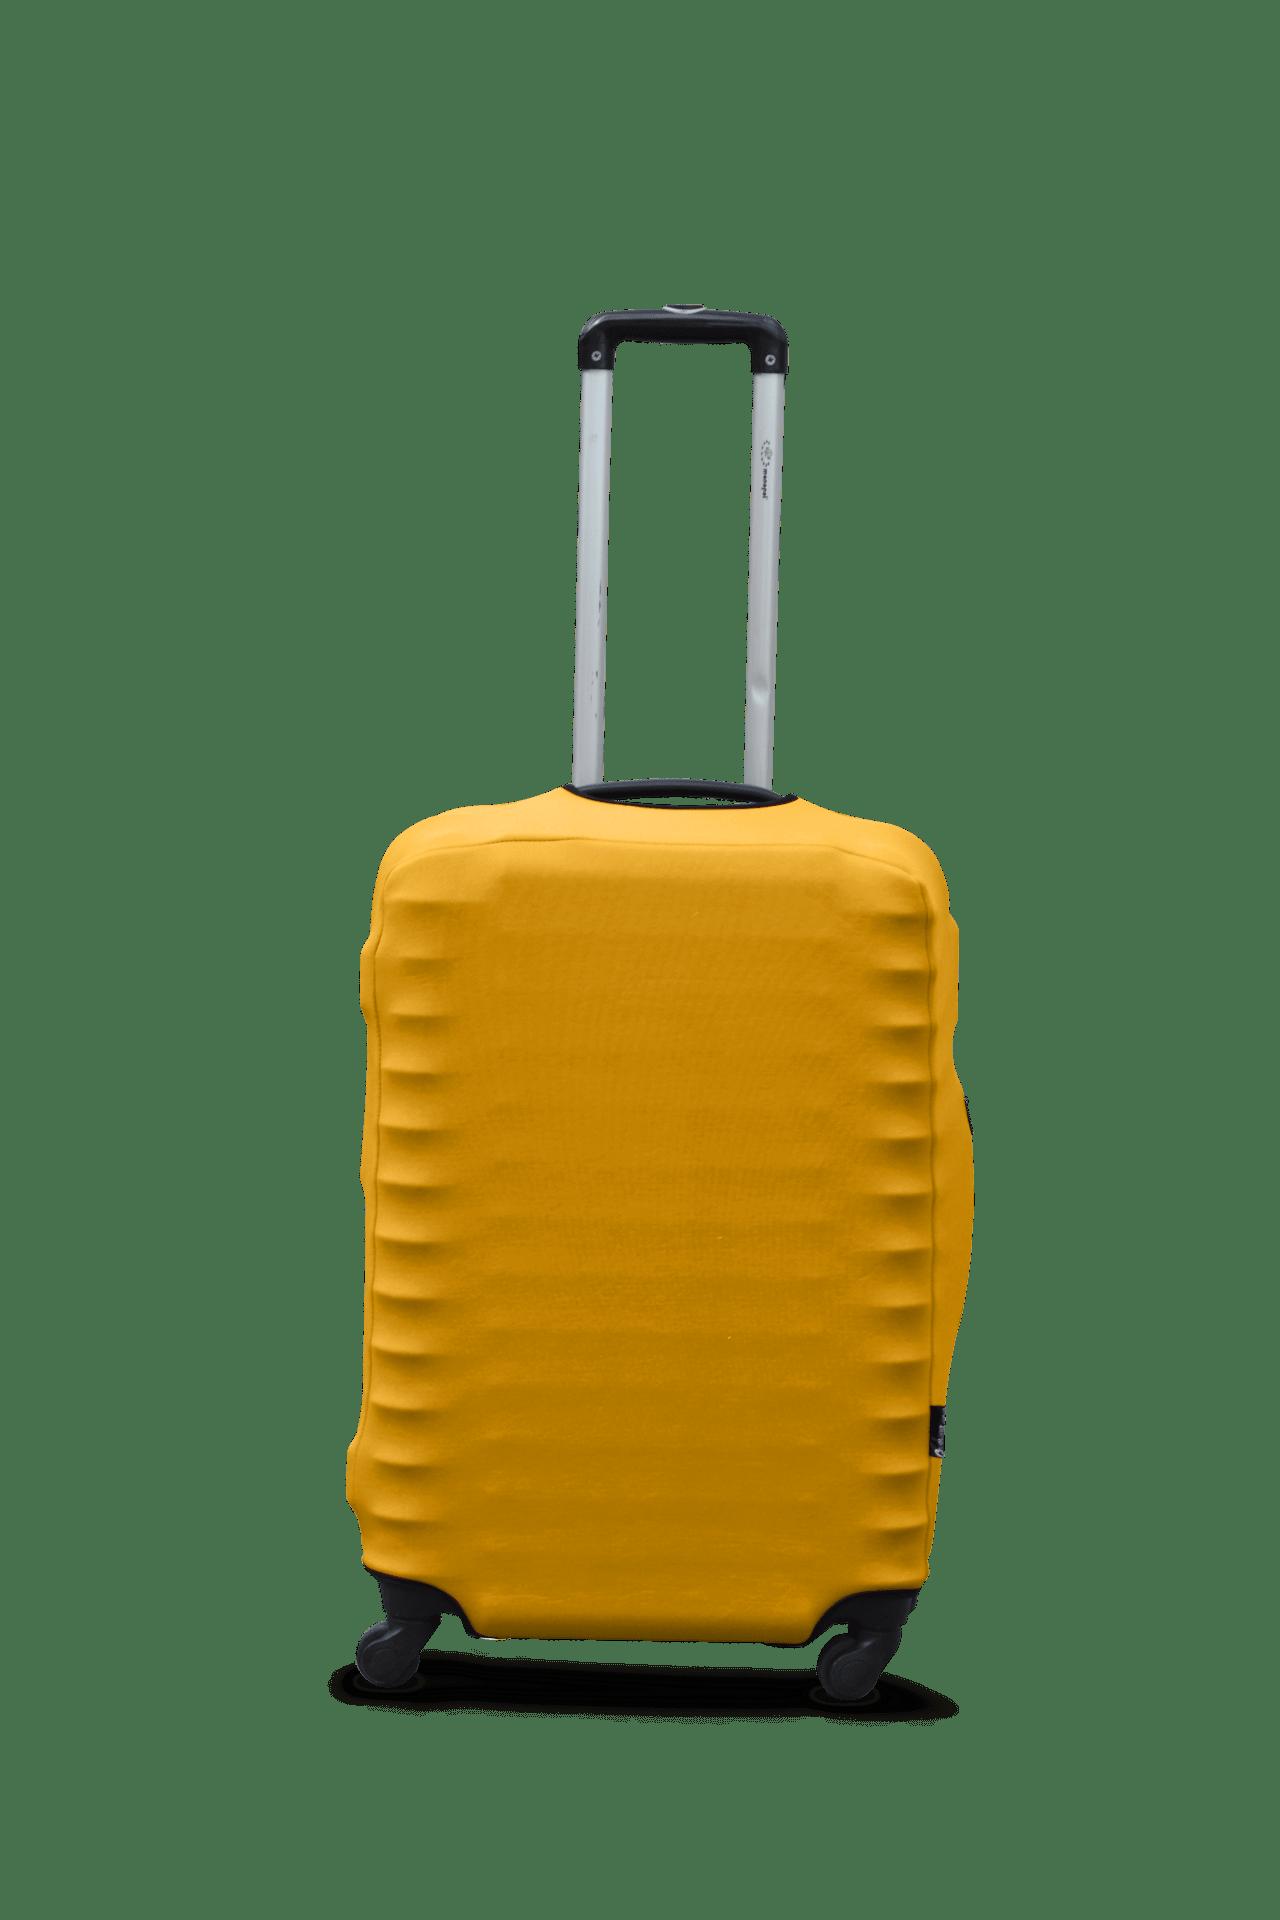 Husa pentru valiza daiving Cover DAWING M YELLOW